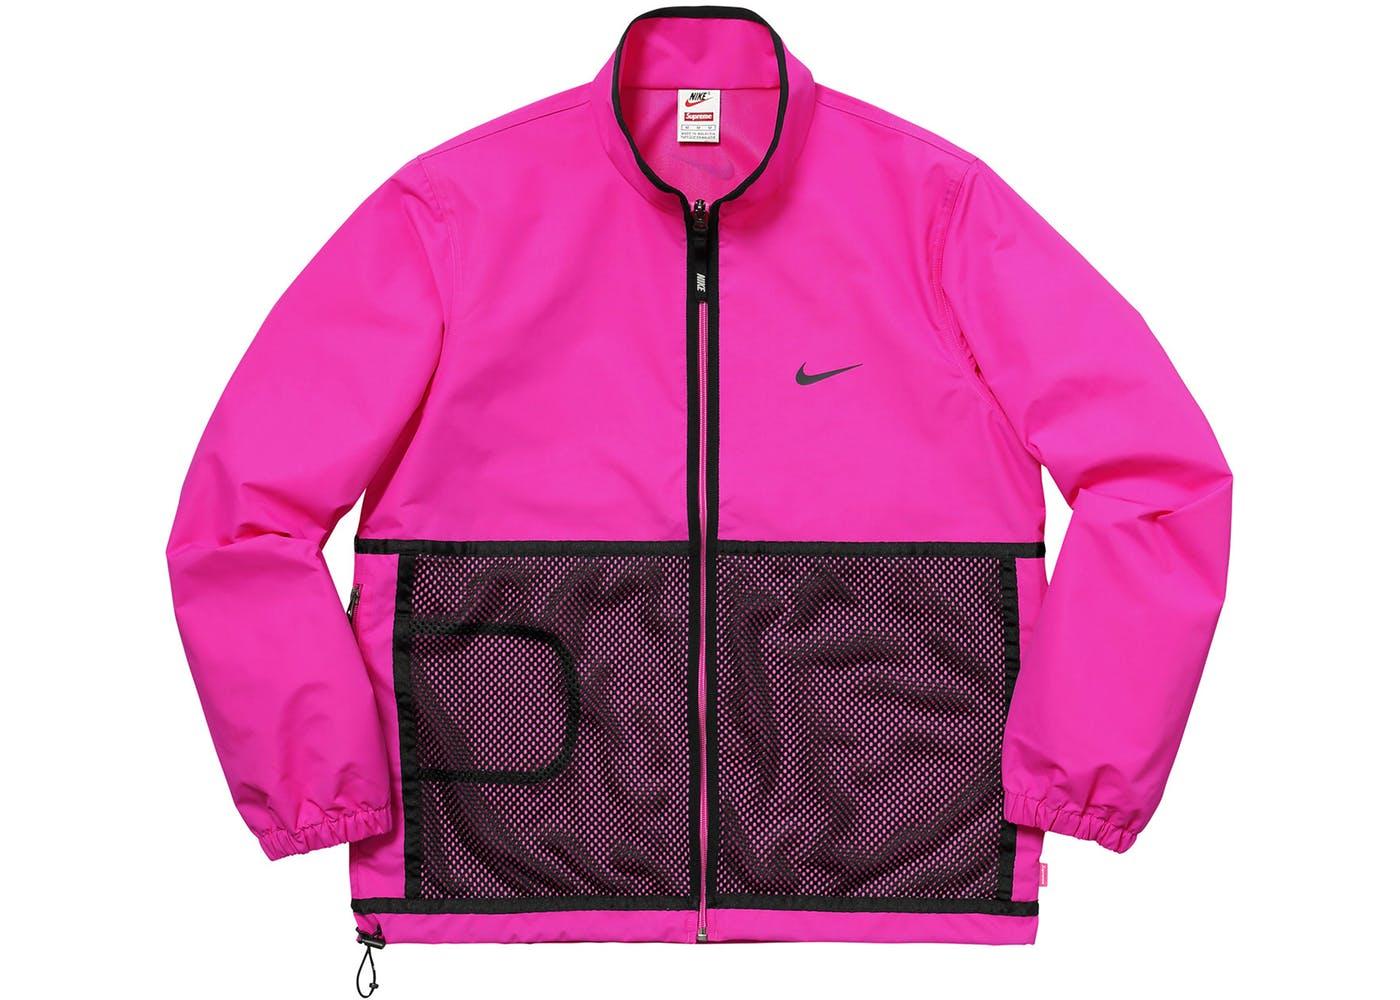 Supreme Nike Trail Running Jacket Pink